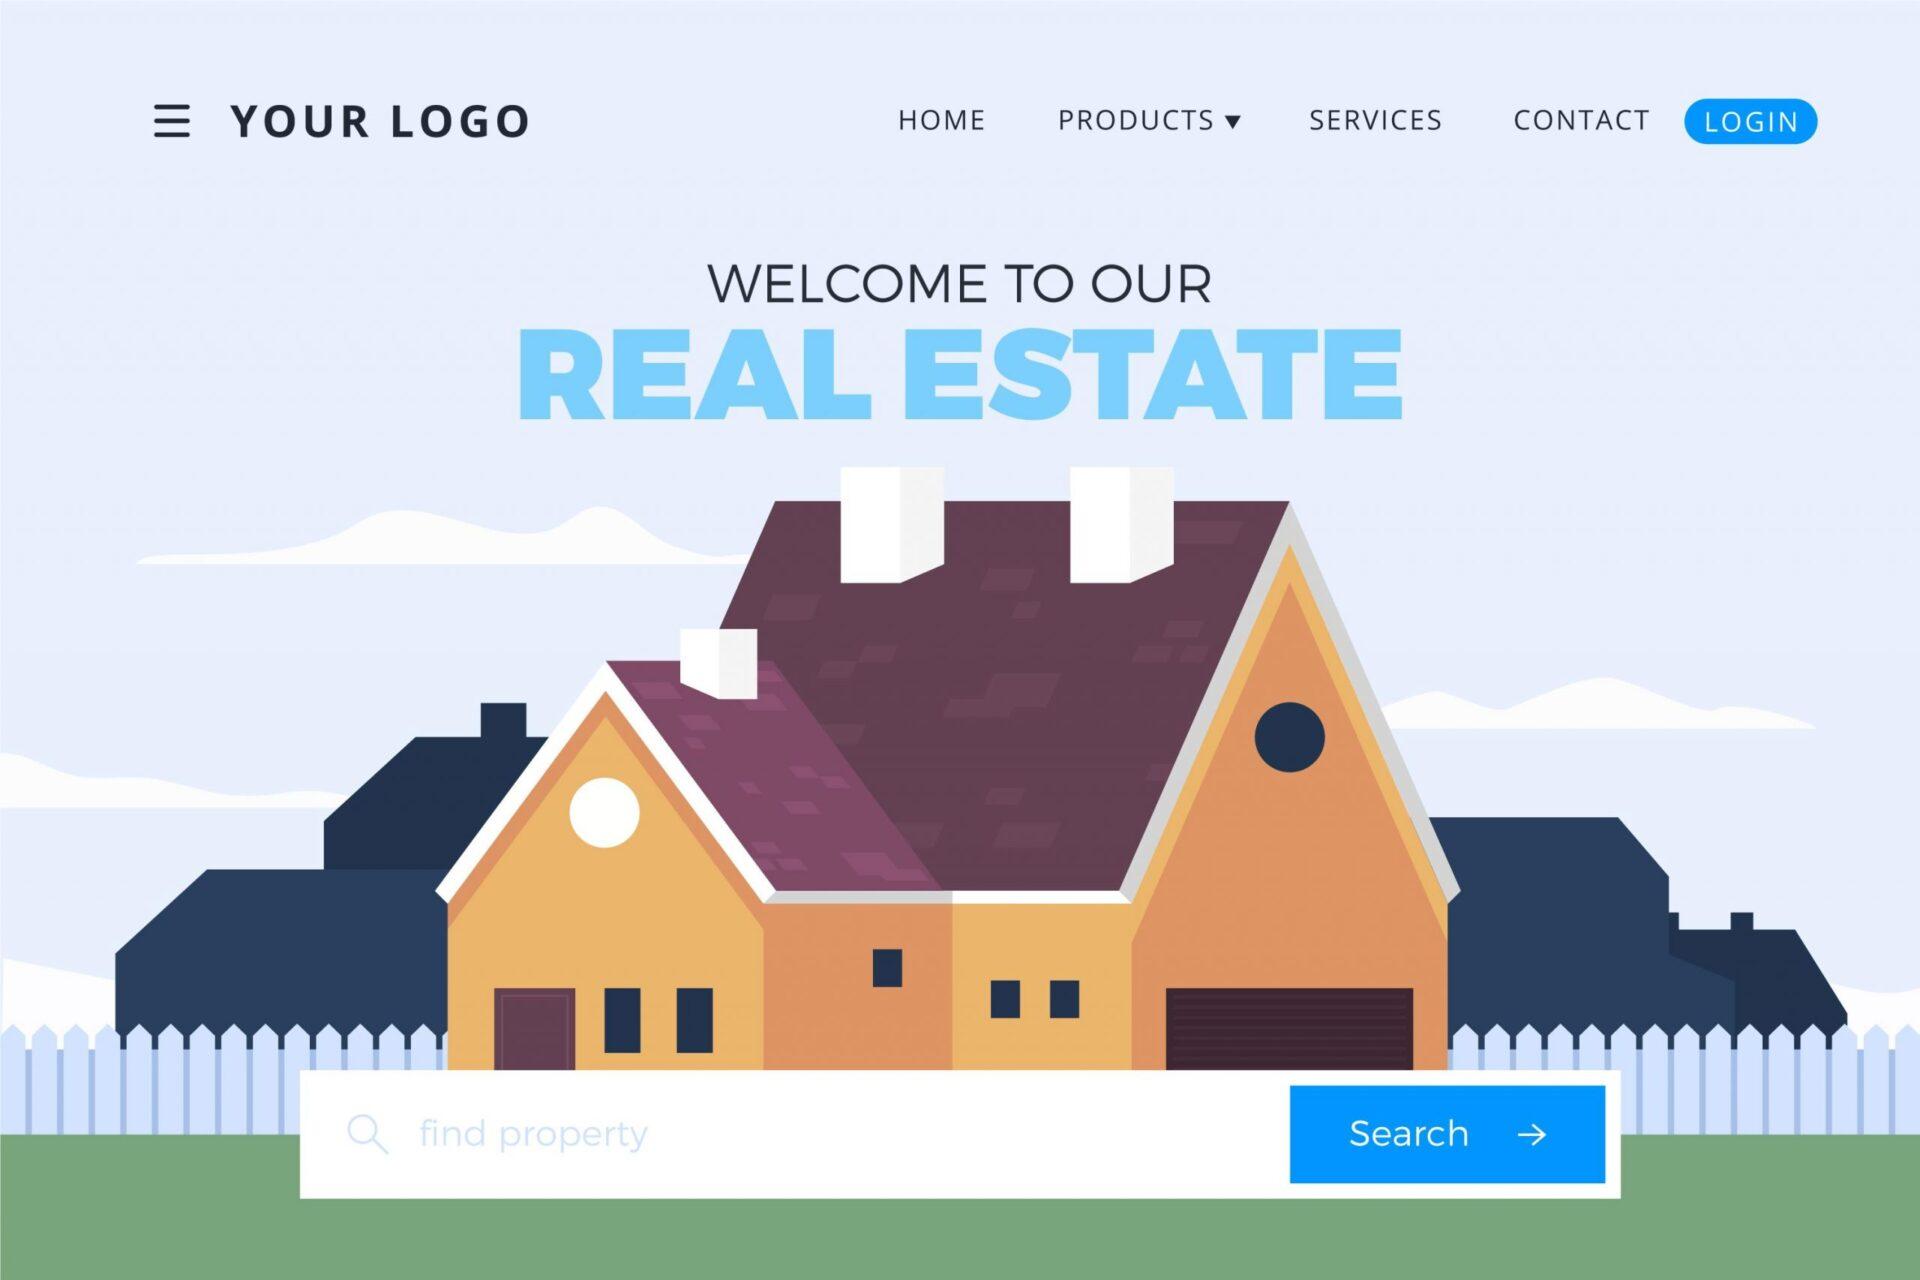 تصميم موقع شركة عقارية هل يجلب المزيد من العملاء ويحقق المزيد من المبيعات